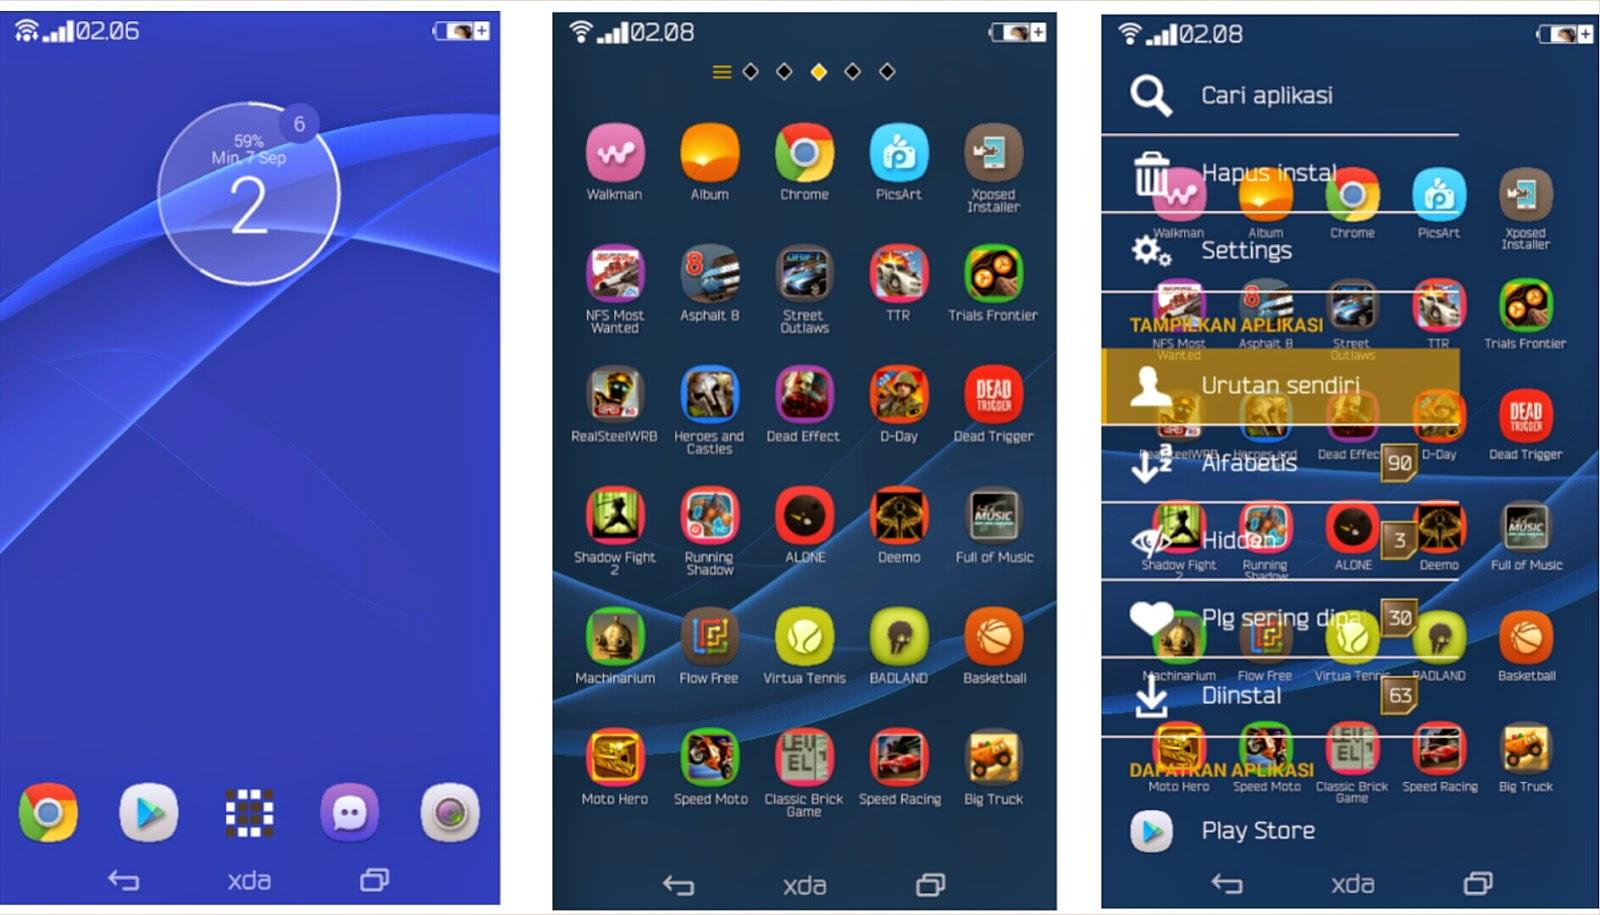 Cara Mudah Modifikasi Tampilan Tanpa Bongkar Apk (Dunia Android)